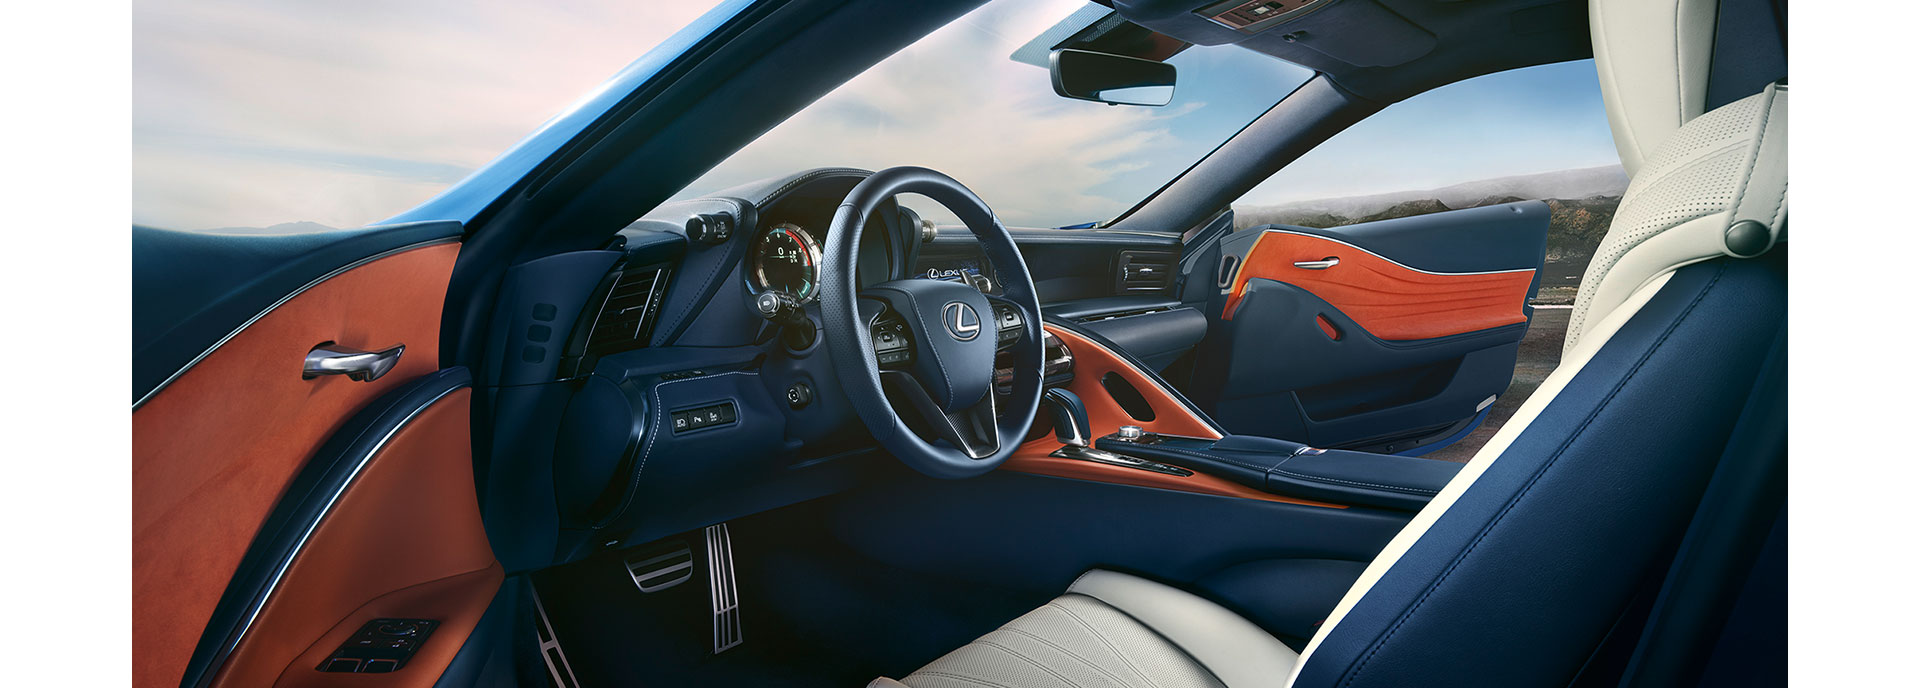 Het interieur van een Lexus LC 500h